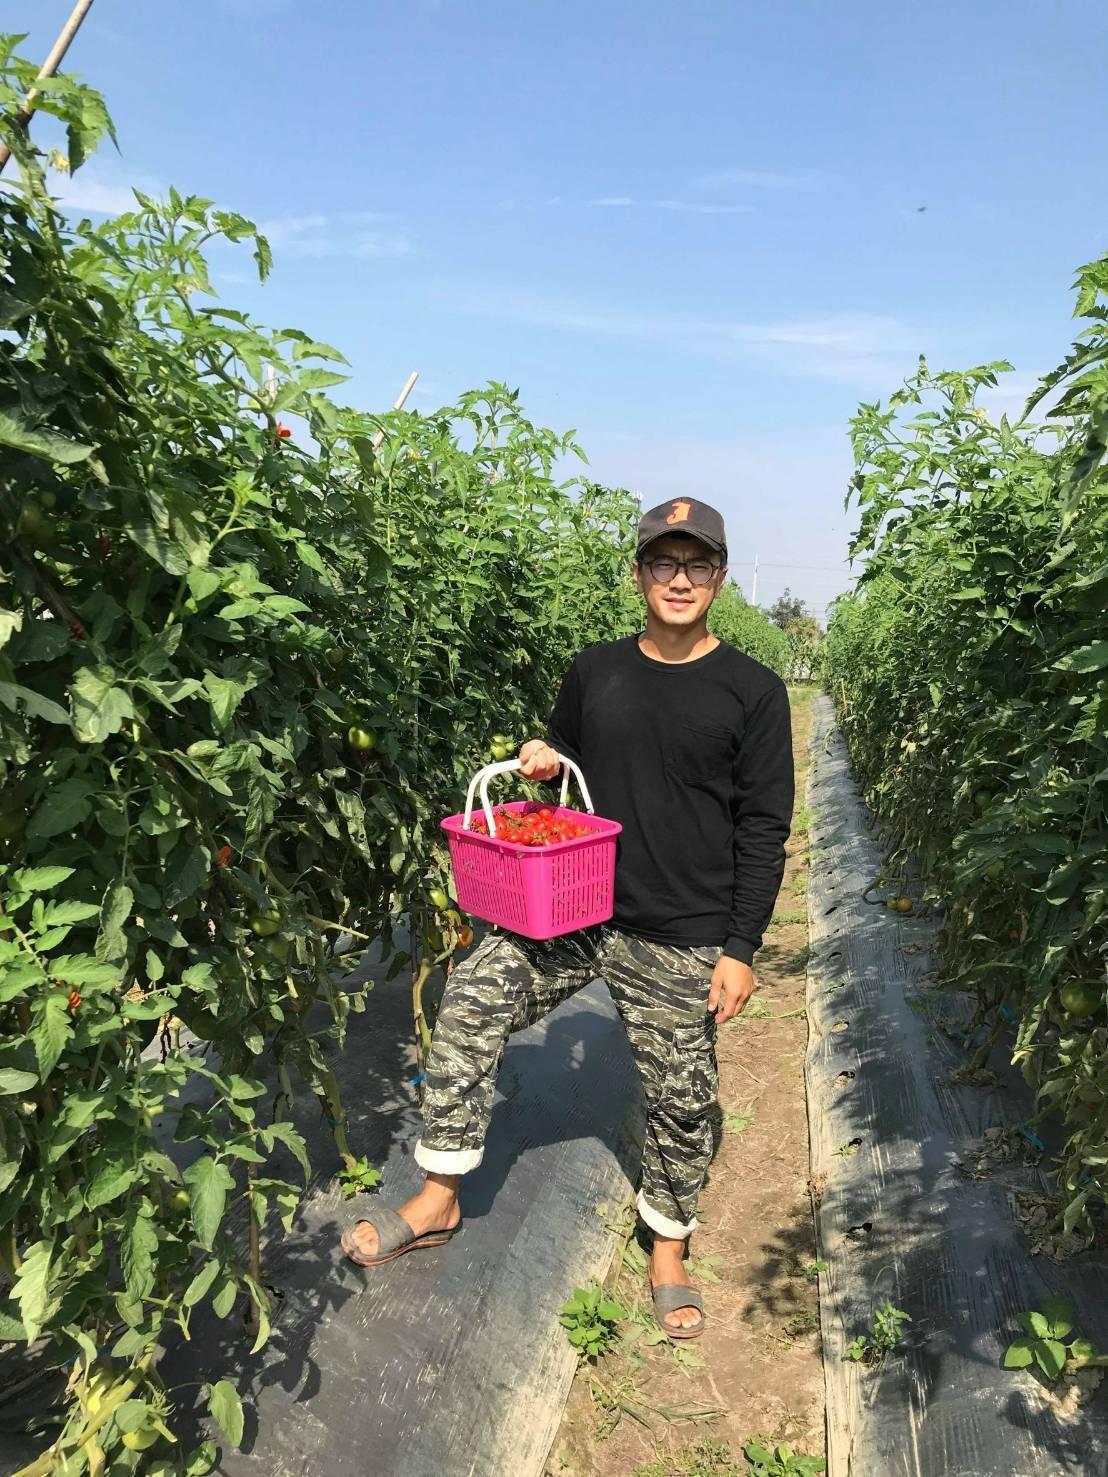 台南市下營新農人在過年期間自組農產直賣所。圖/台南市農業局提供